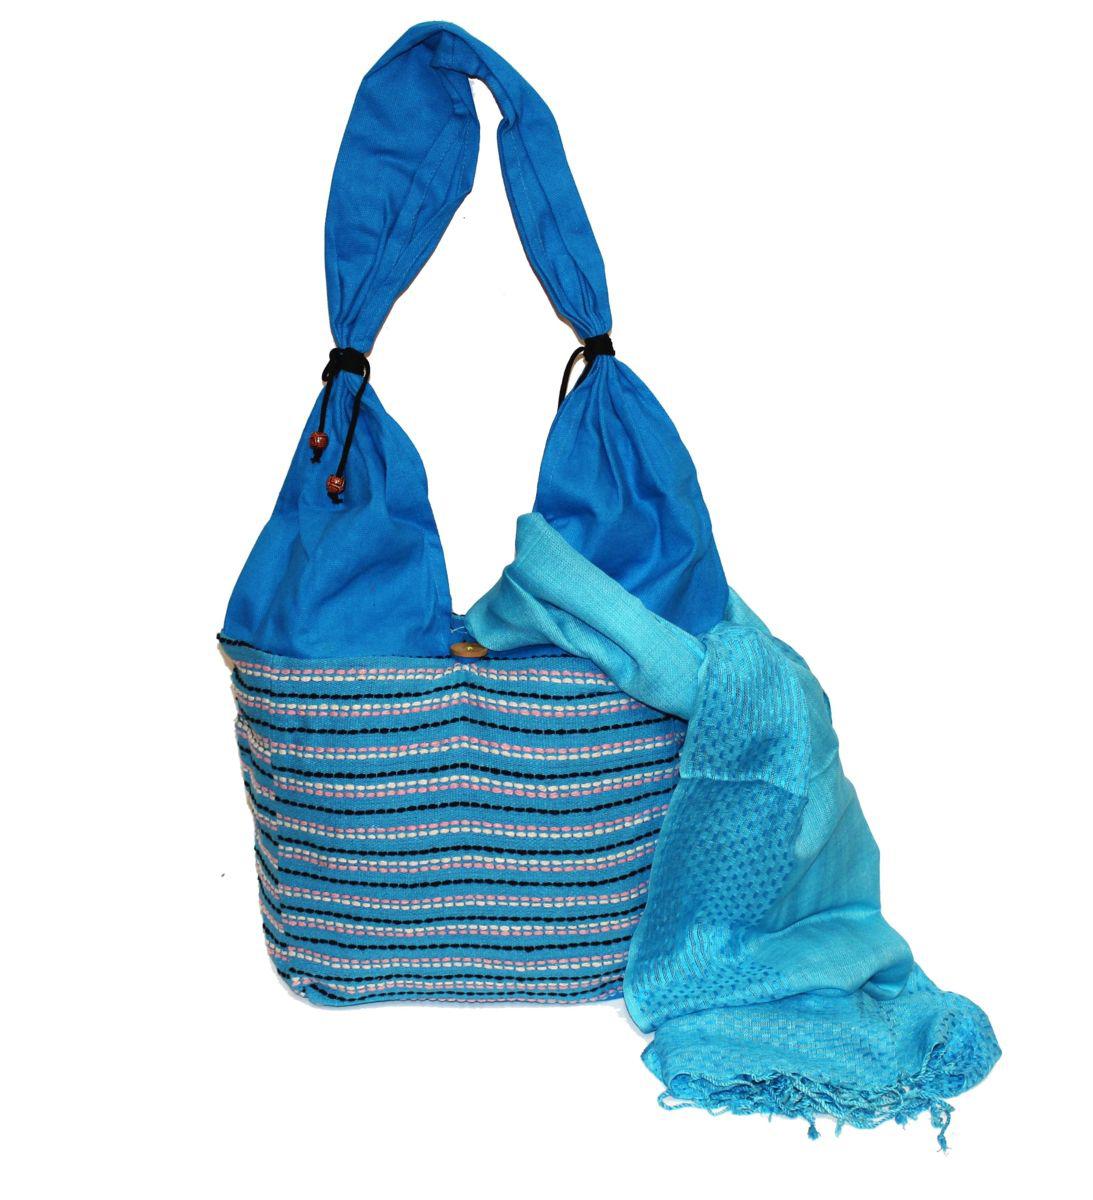 Ethnica Хлопковая сумка-торба, цвет: голубой, в полоску. 122150859425-002Пляжная женская сумка Ethnica выполнена из хлопковой ткани с декоративной ручной отделкой. Модель с одним отделением, застегивается на пуговицу.